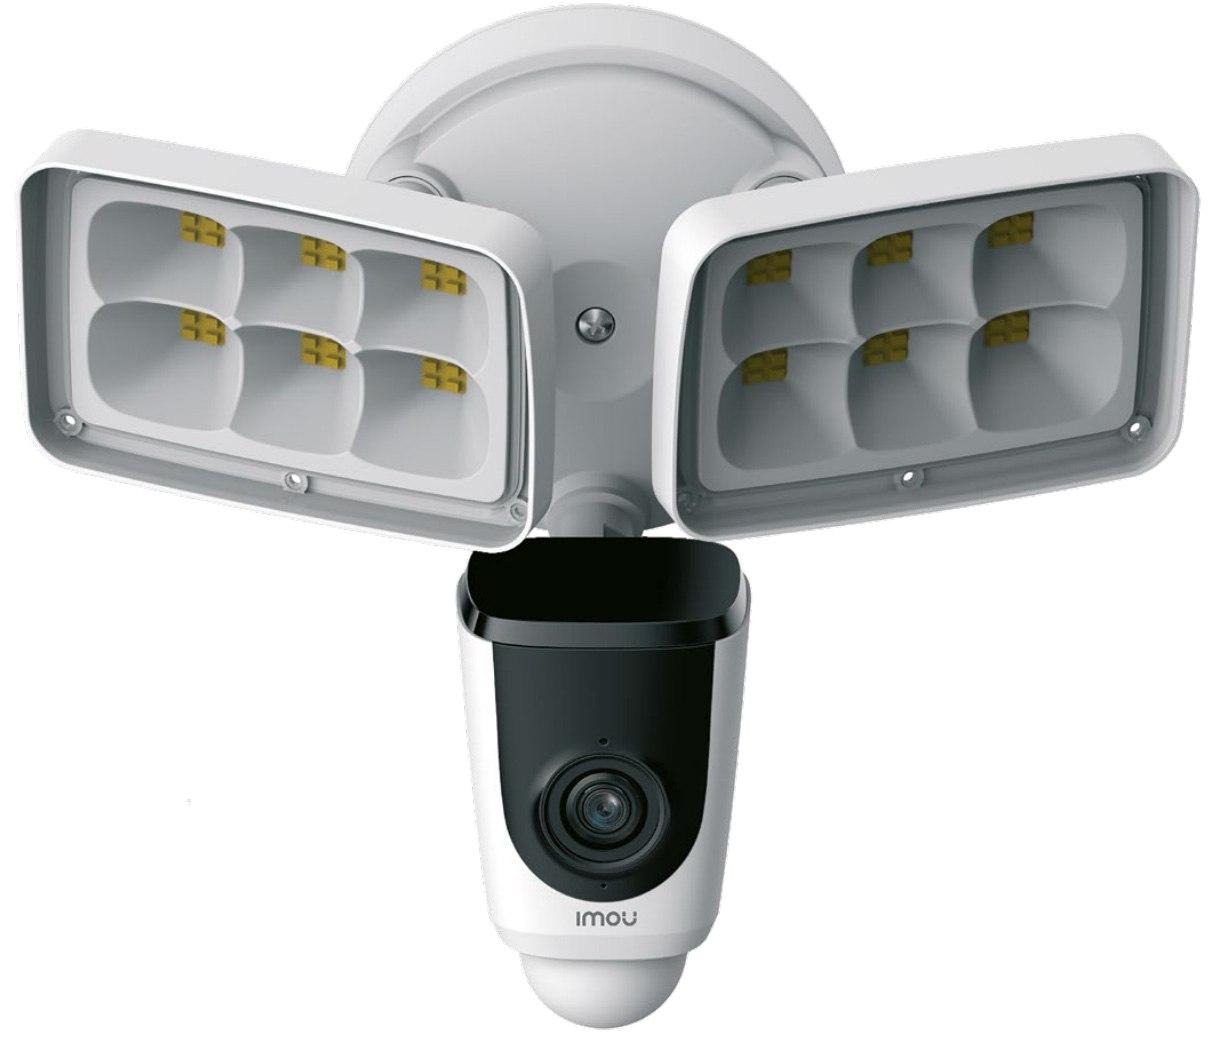 Kamera IP 2Mpx Floodlight IPC-L26P-Imou